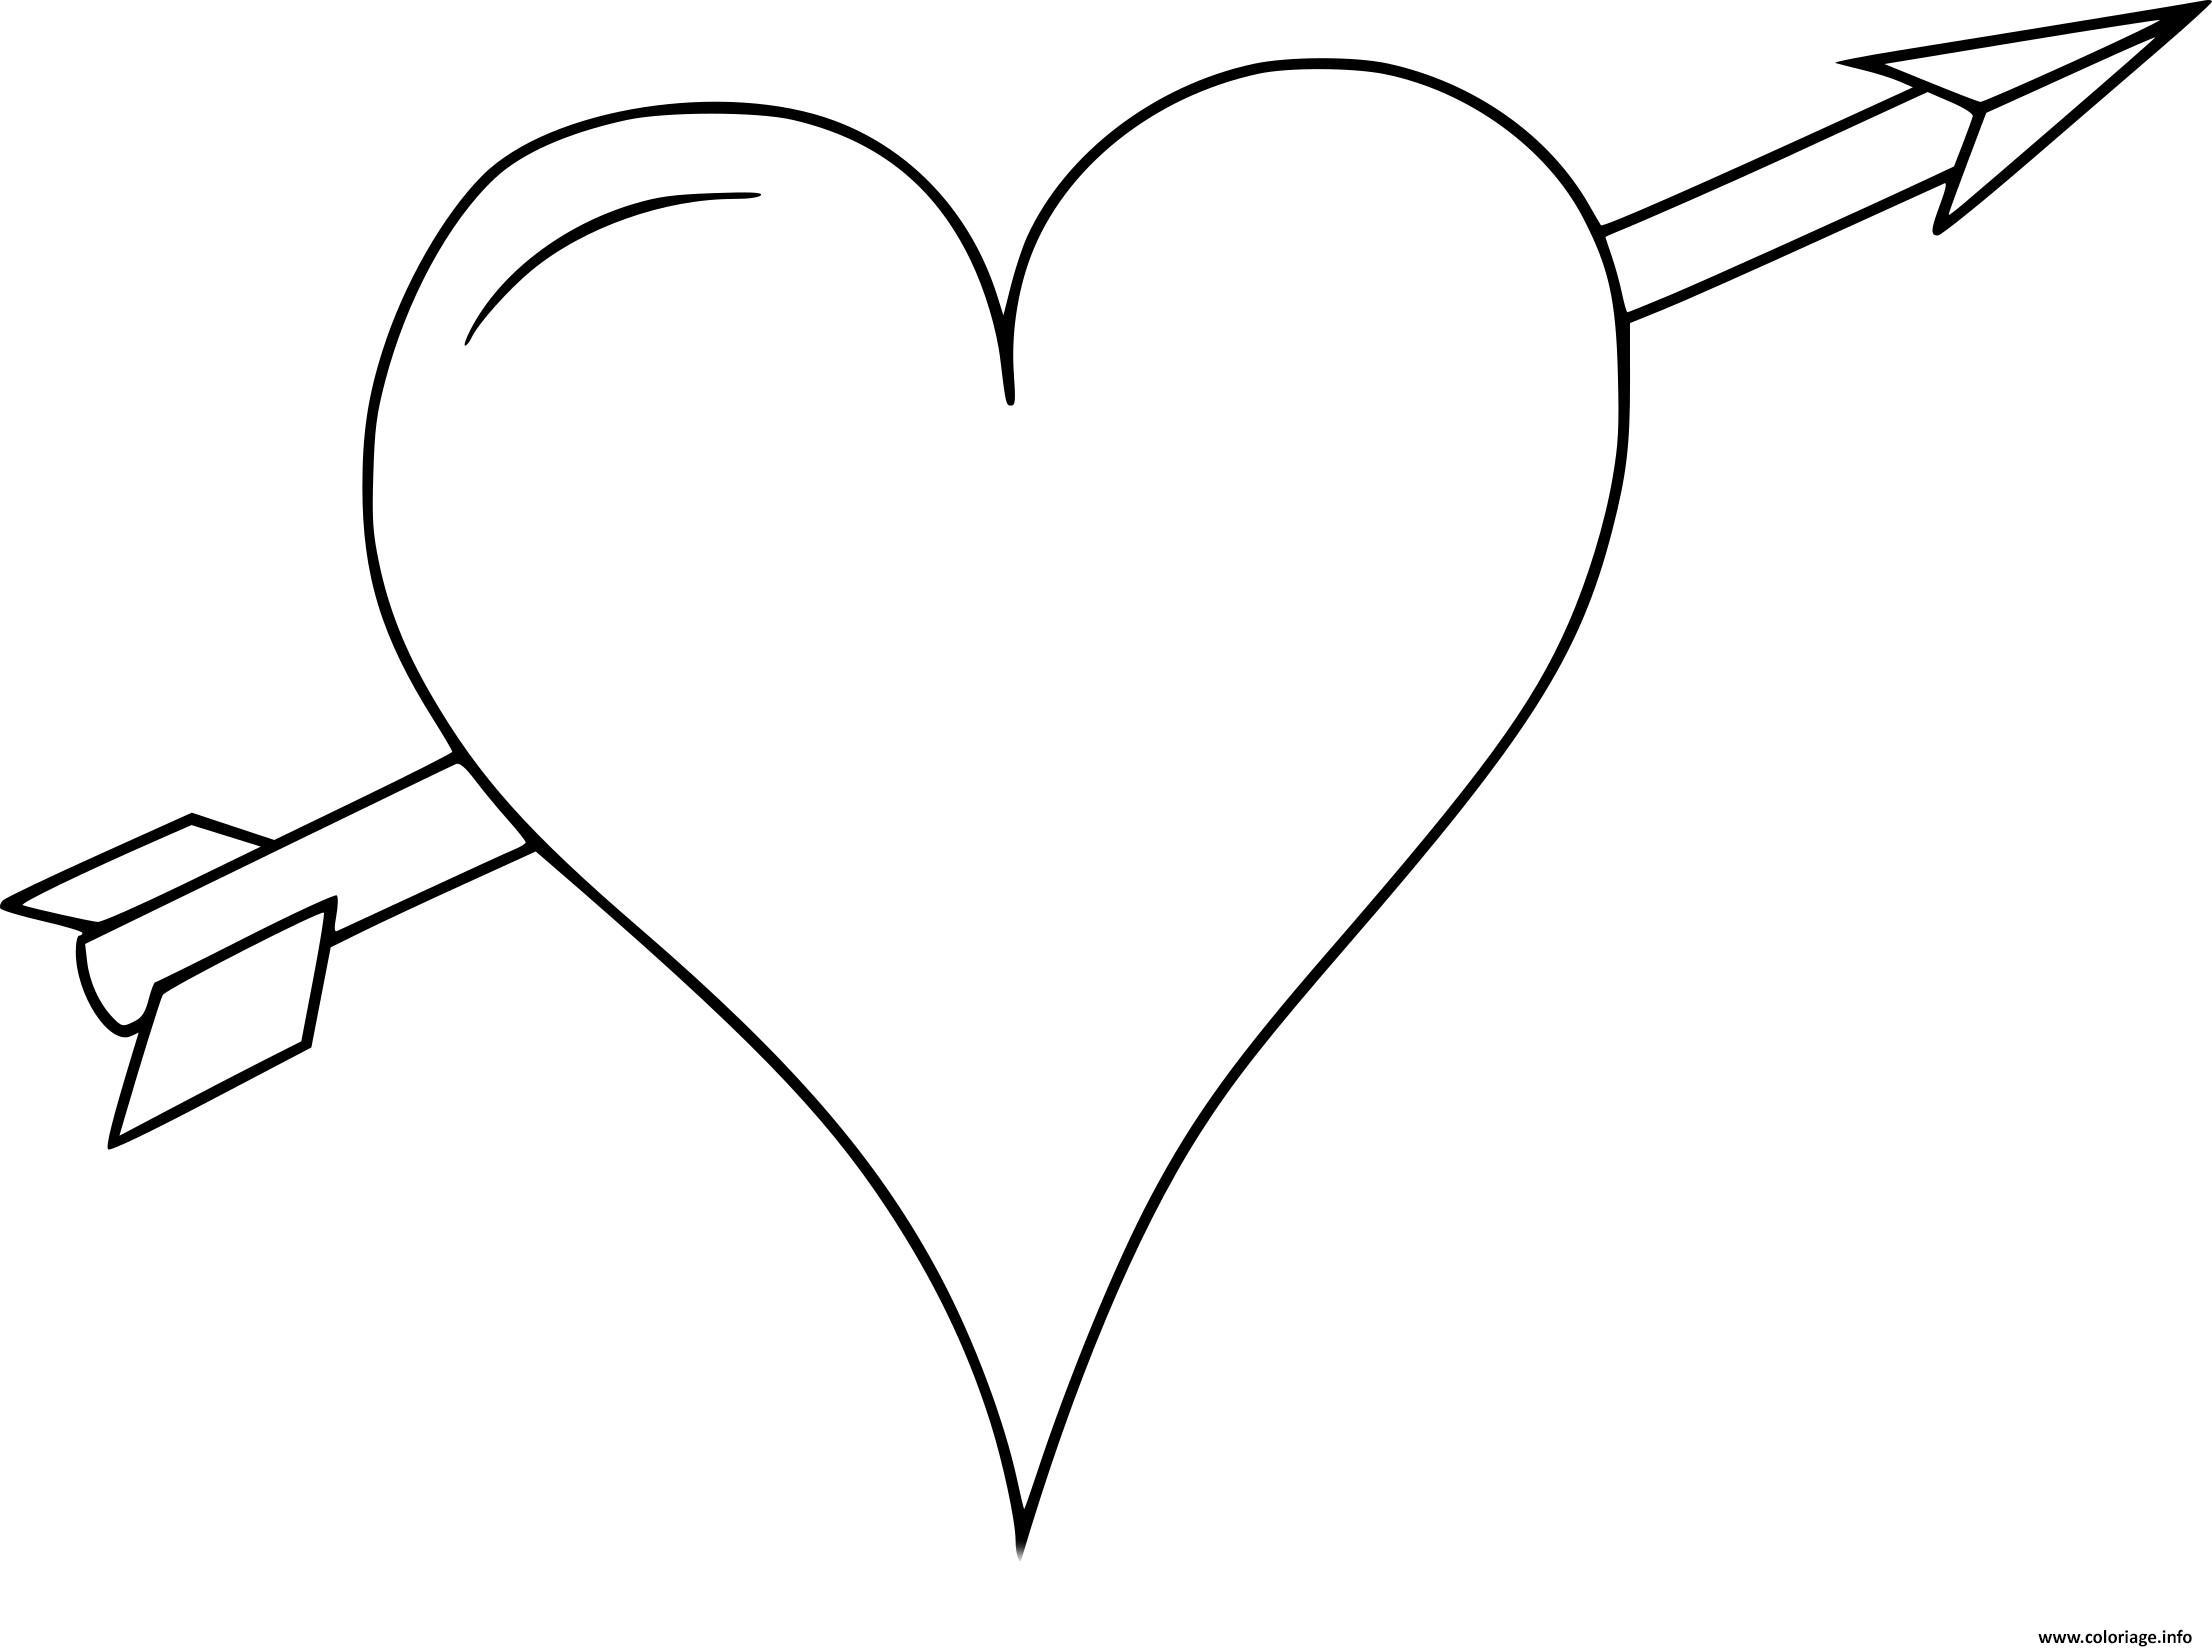 Coloriage Dessin Coeur Avec Une Fleche Dessin